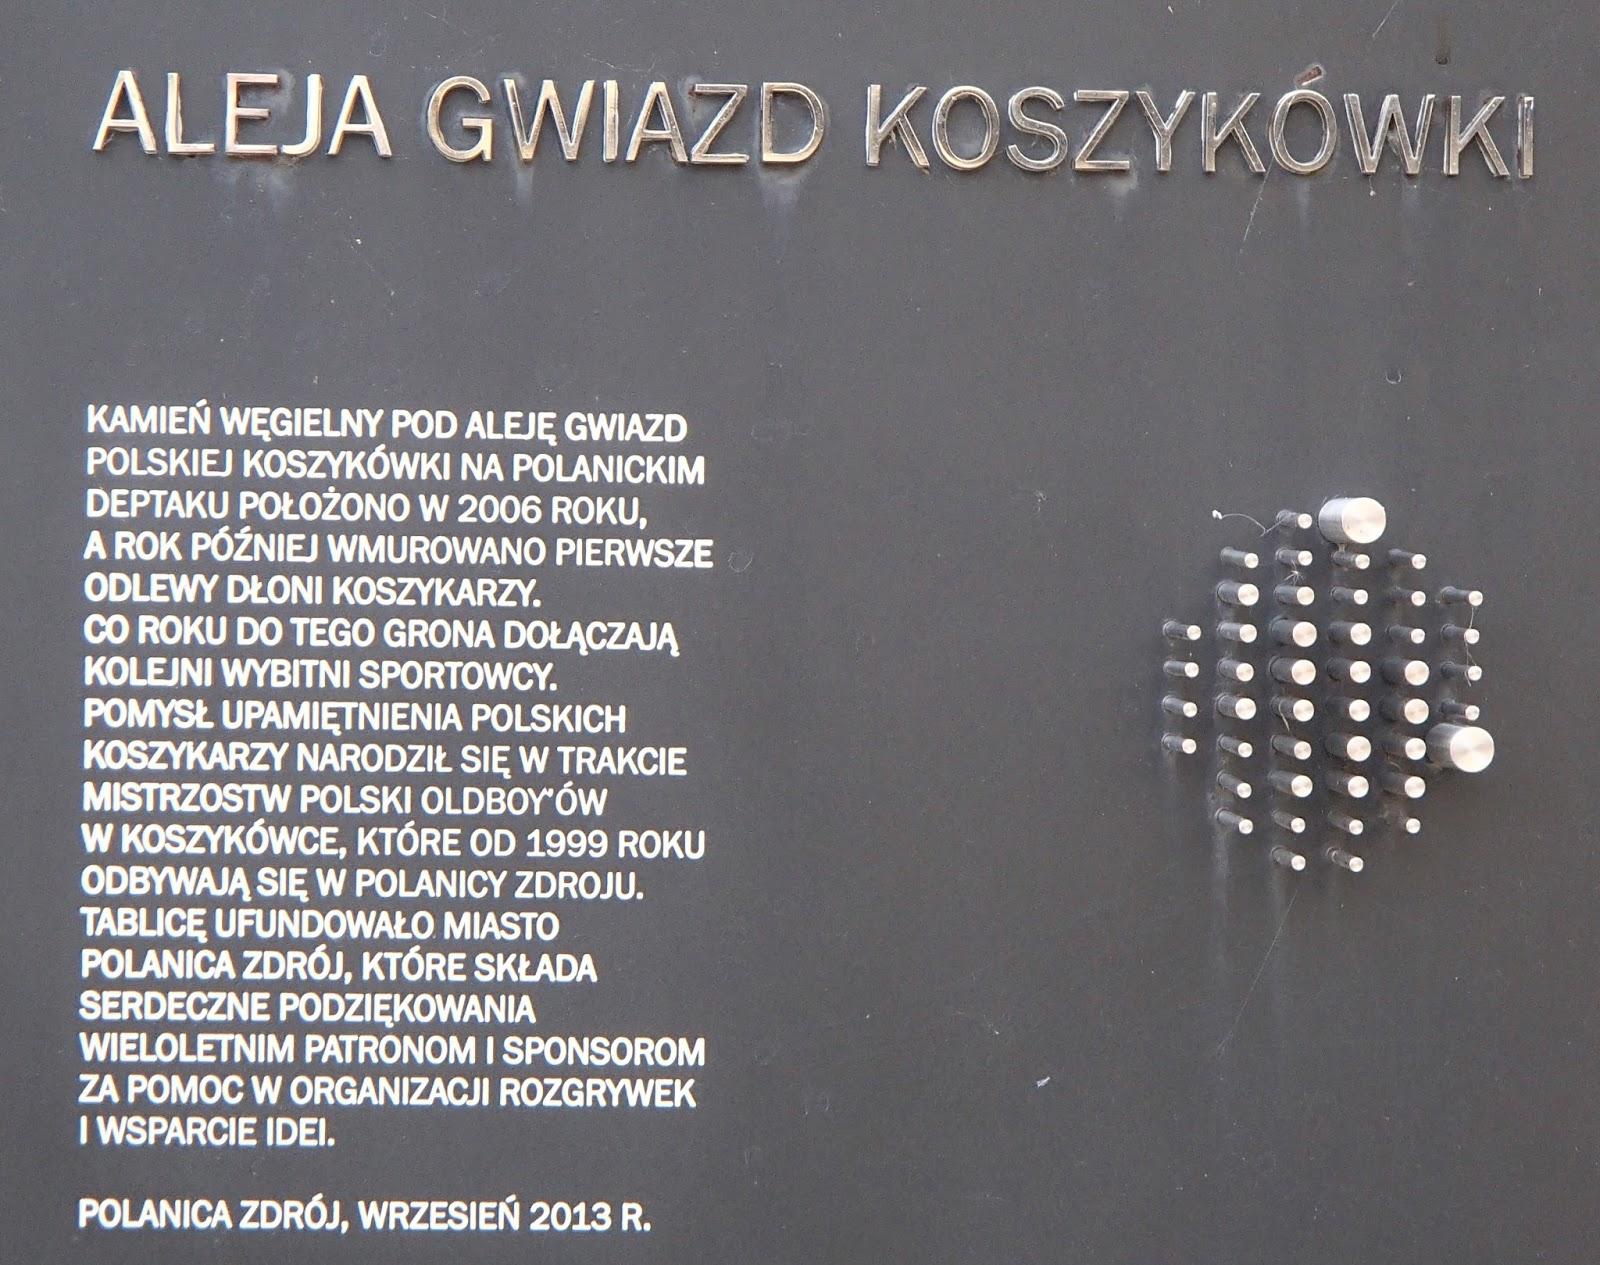 Polanica Zdrój - tablica w Alei Gwiazd koszykówki - fot. Tomasz Janus / sportnaukowo.pl